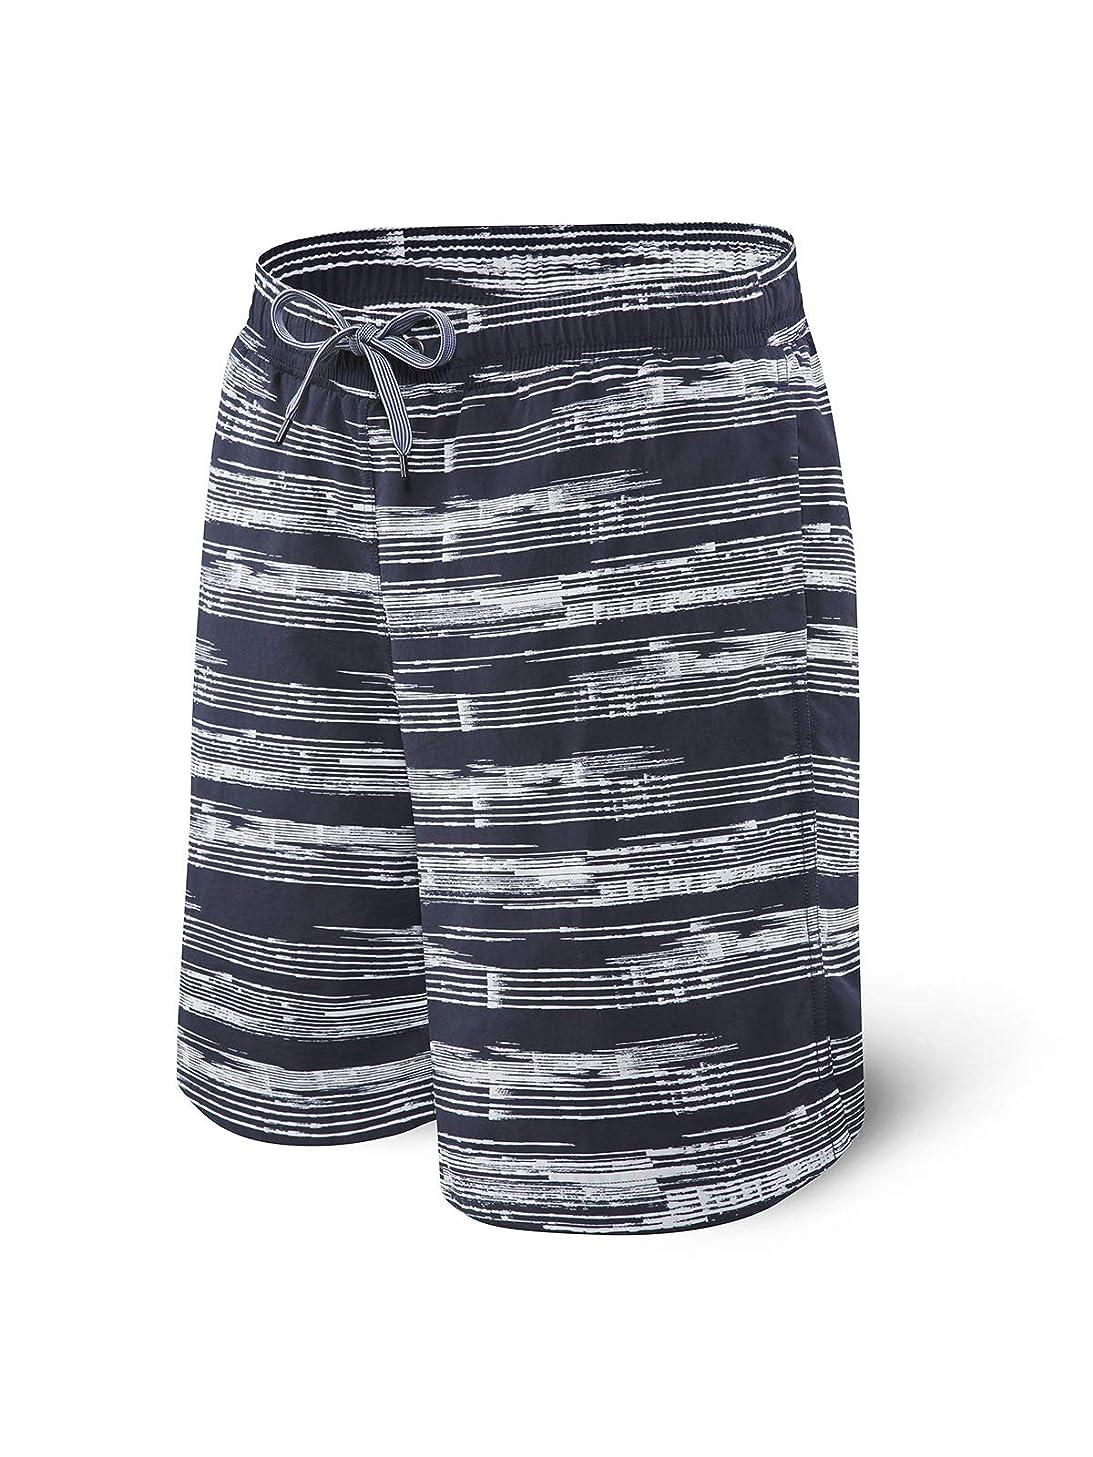 Saxx Underwear Men's Cannonball 2N1 Swim Short 9